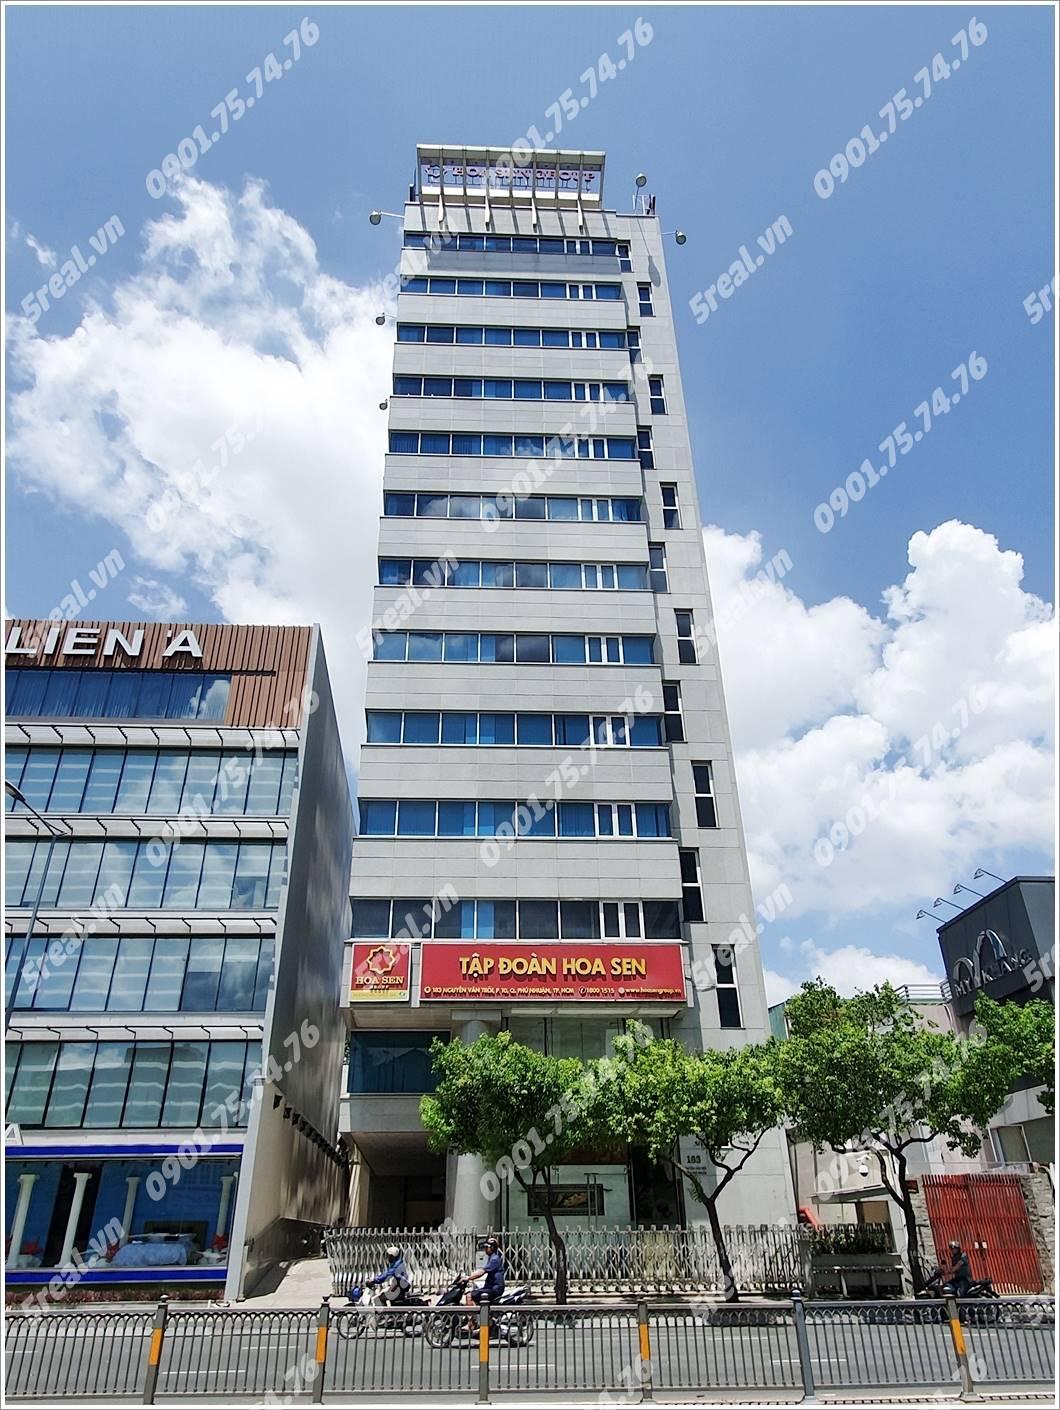 sapphire-tower-nguyen-van-troi-quan-phu-nhuan-van-phong-cho-thue-tphcm-5real.vn-01